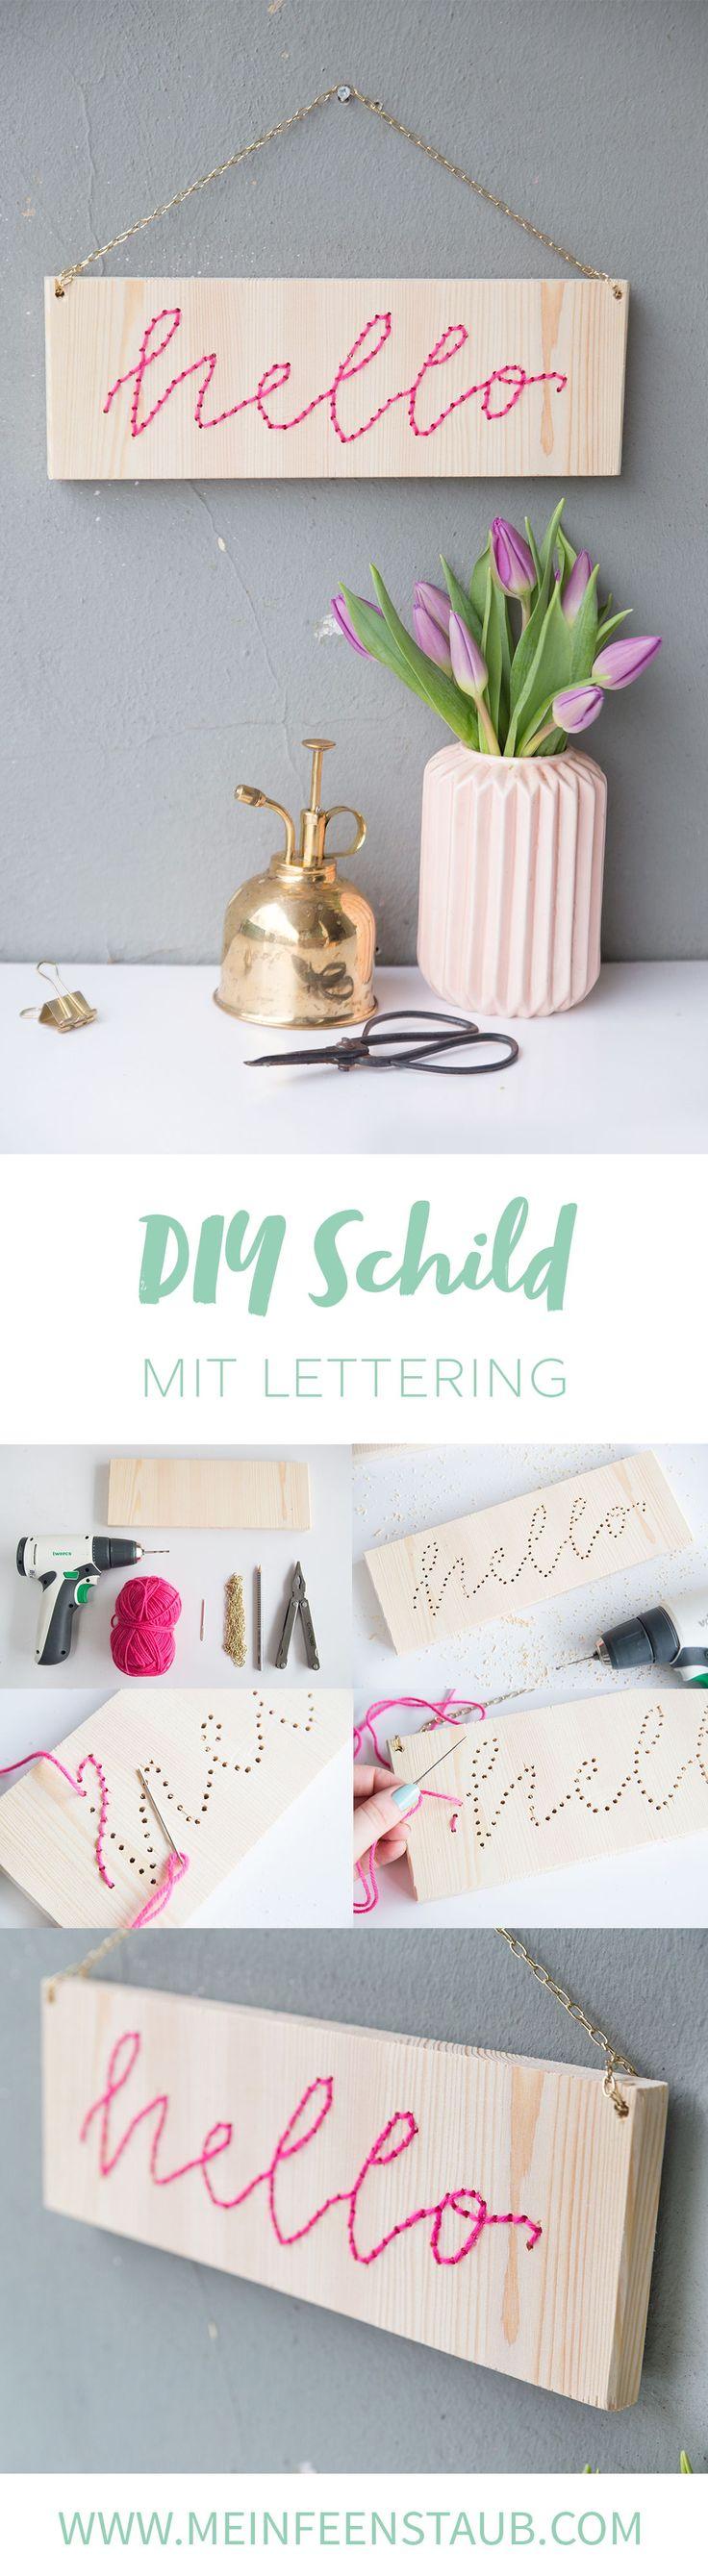 Kreative DIY-Idee zum DIY Deko Selbermachen: Lettering-Schild mit Stickmotiv als Do it Yourself Dekoration einfach selbstgemacht